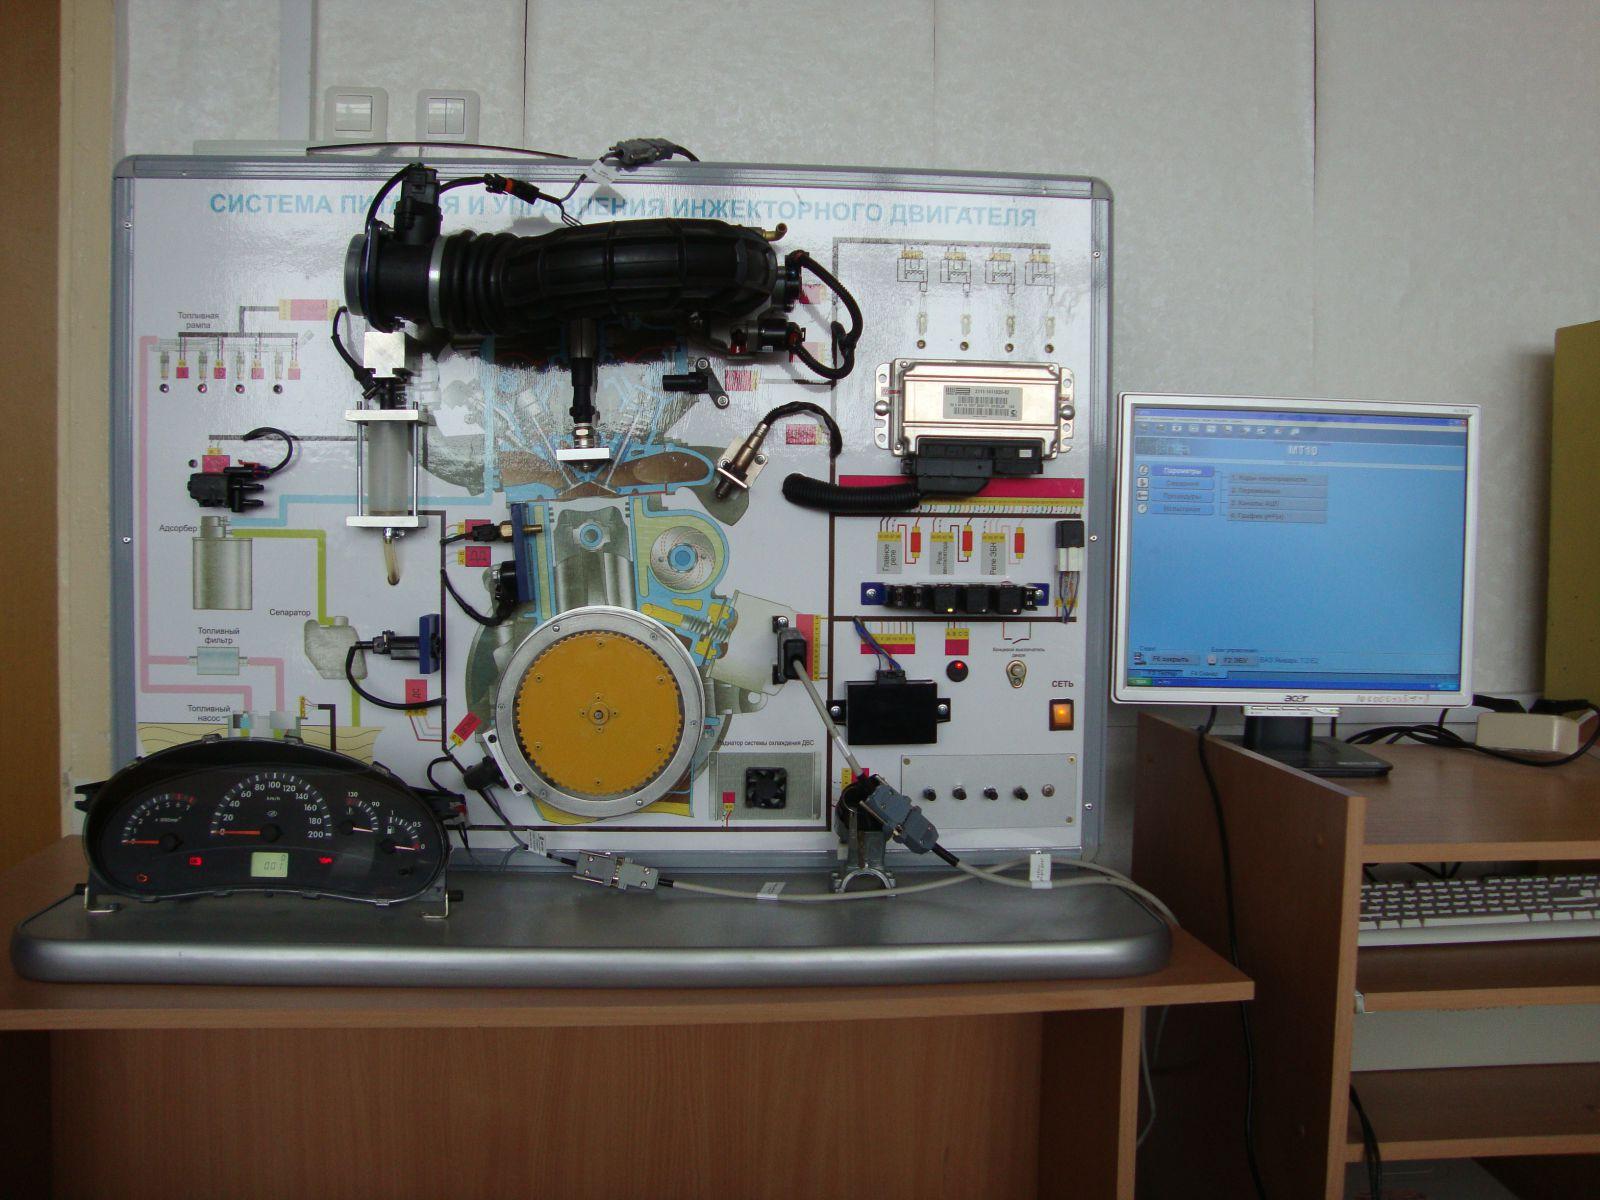 Испытательный стенд электротехнического оборудования своими руками